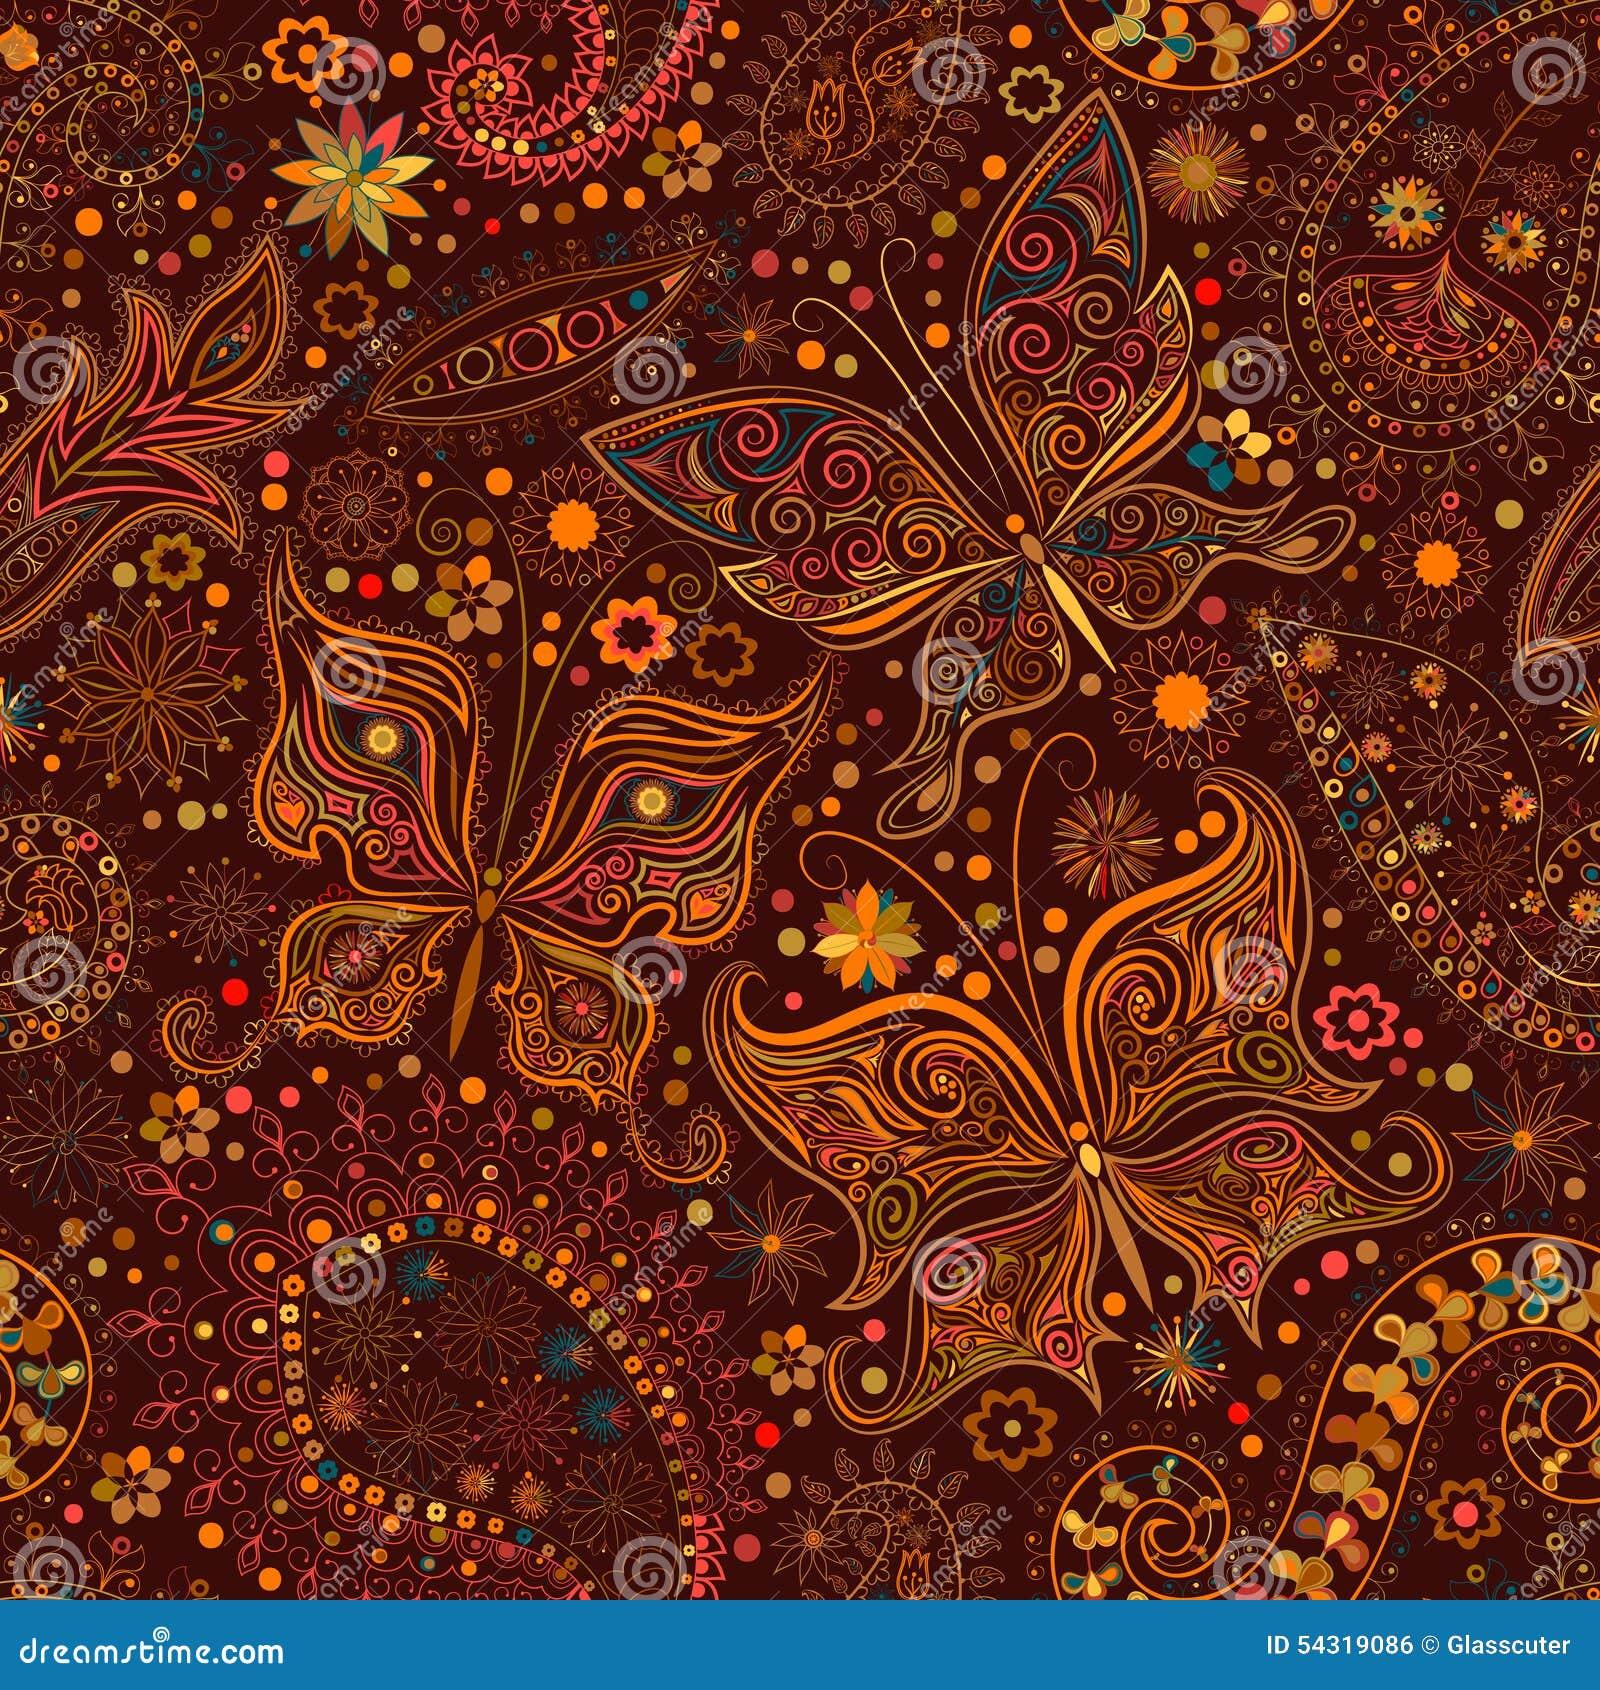 vintage floral motif stock illustration 1107649. Black Bedroom Furniture Sets. Home Design Ideas